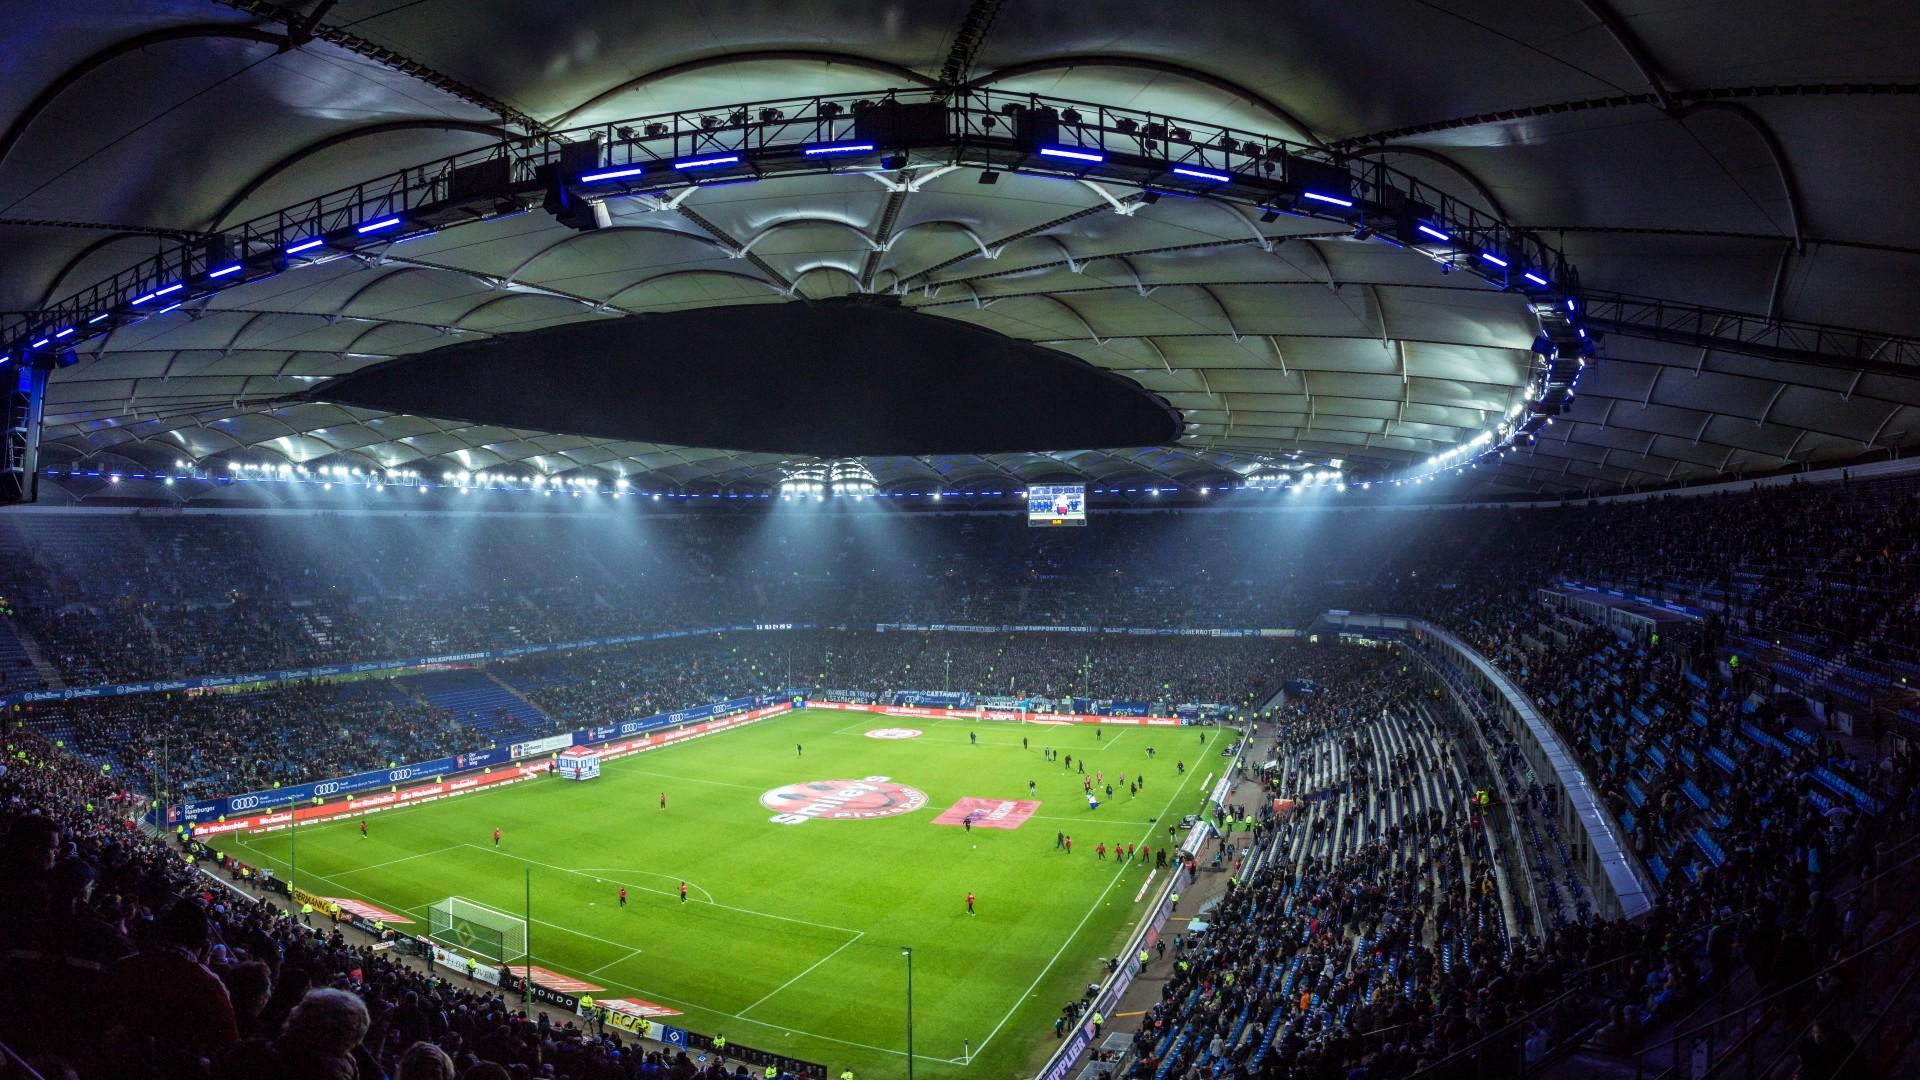 【動画あり】EURO2020で話題のコカ・コーラ、キング・オブ・ストイックのC・ロナウドらの対応が注目を集める|サッカー